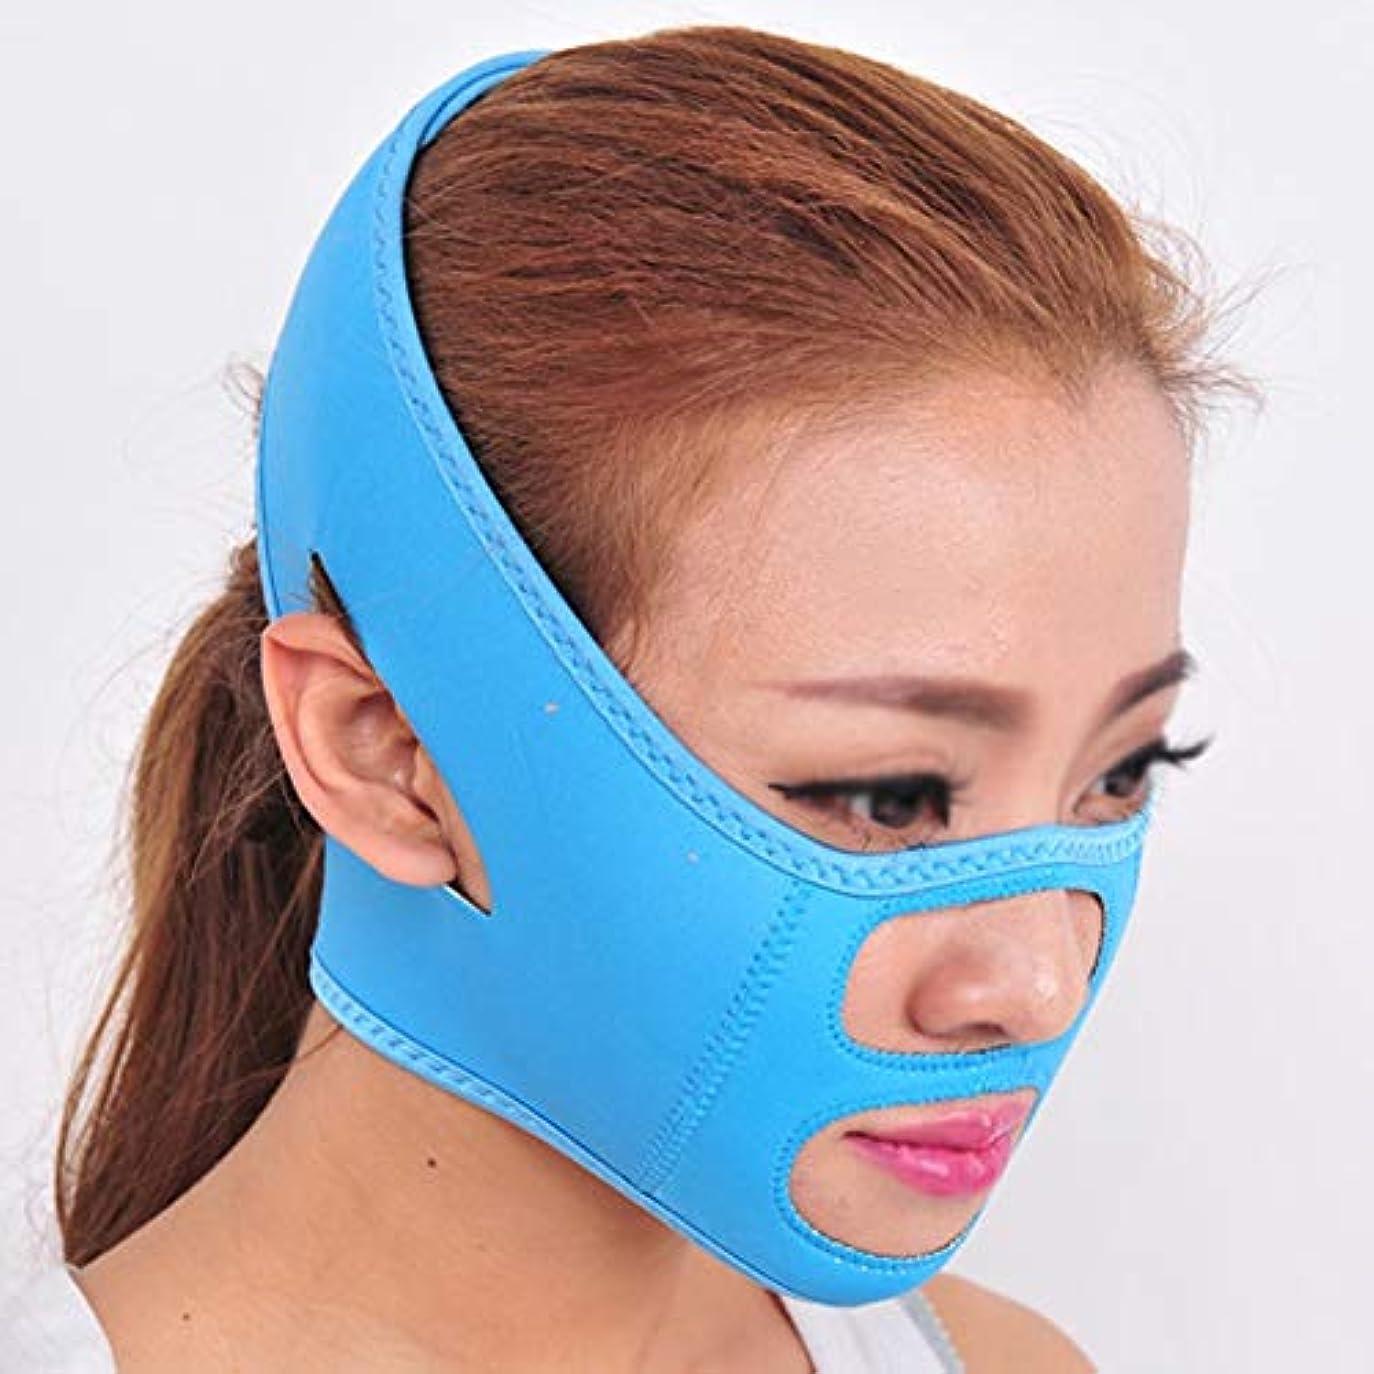 批判緊張するきゅうりXHLMRMJ あごのストラップ、フェイスリフティングマスク、二重あご、フェイスリフティングに最適、リフティングフェイシャルスキン、フェイシャル減量マスク、フェイスリフティングベルト(フリーサイズ) (Color : Blue)